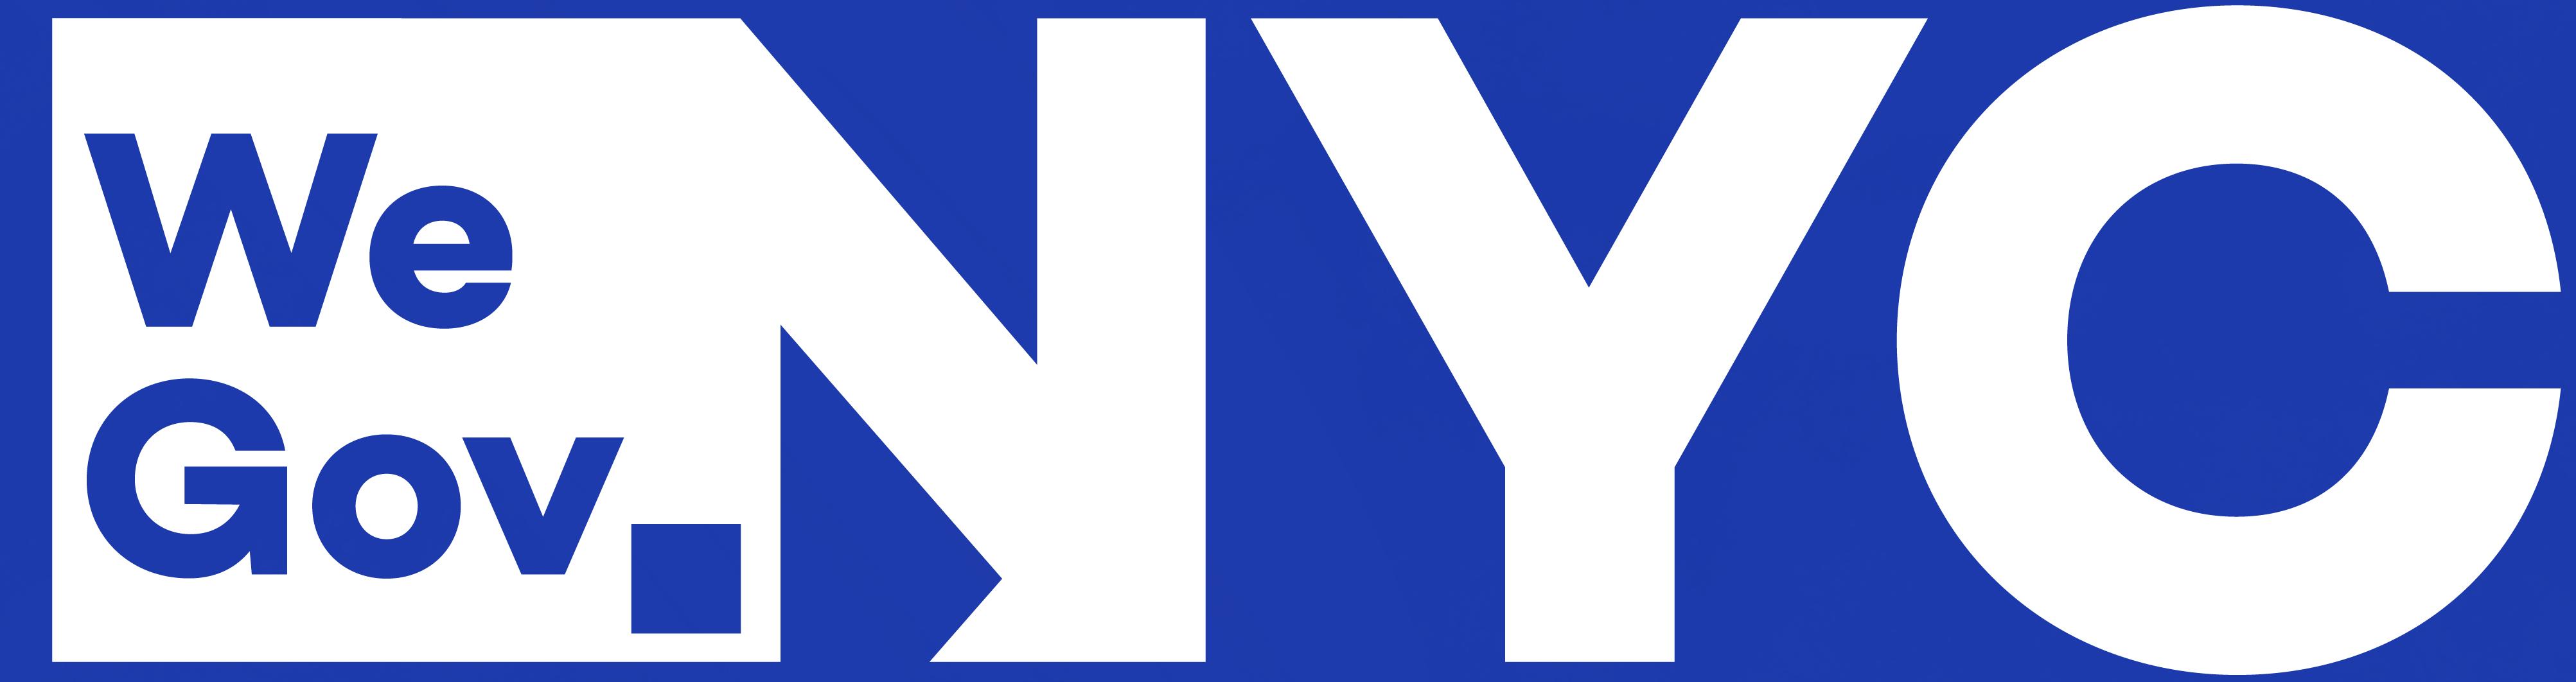 wegov-nyc